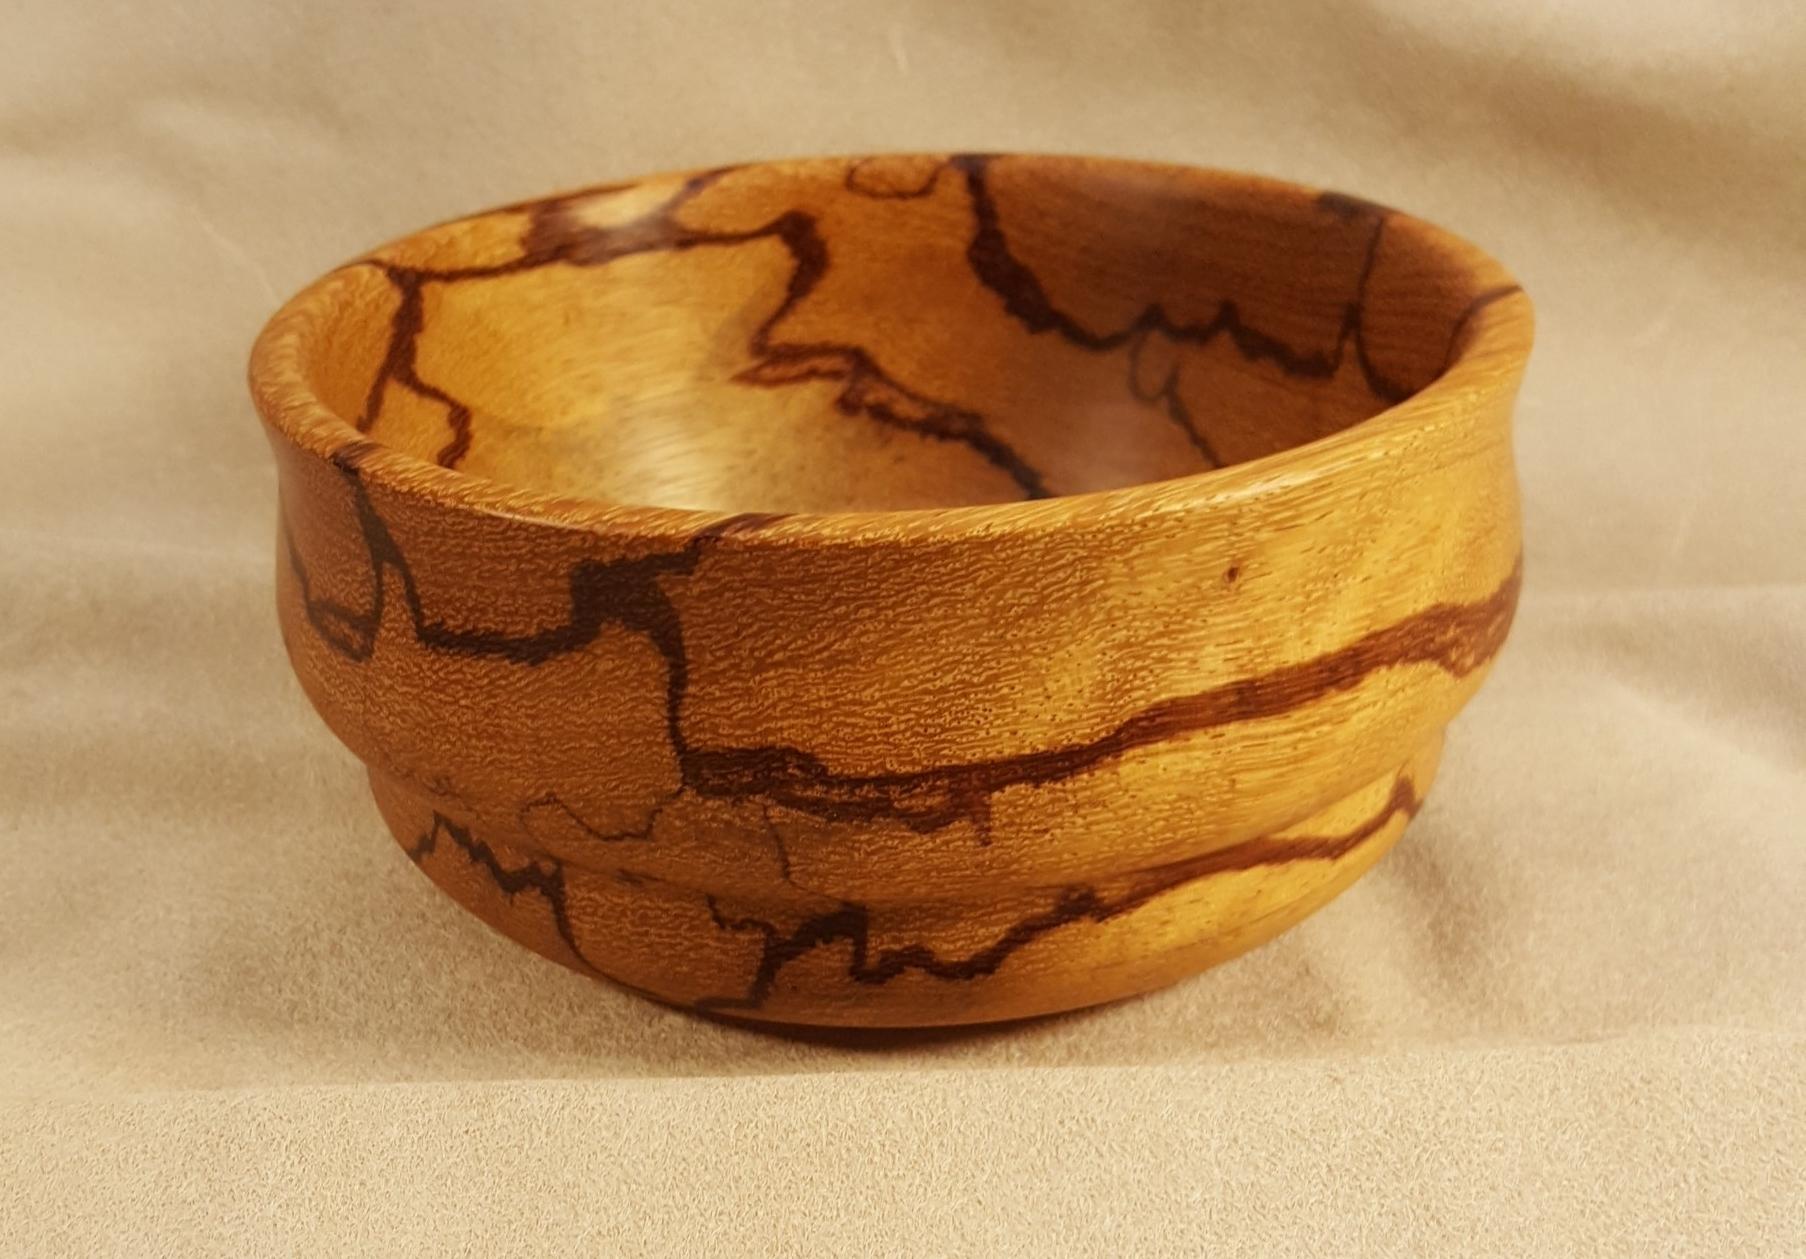 Marblewood Bowl